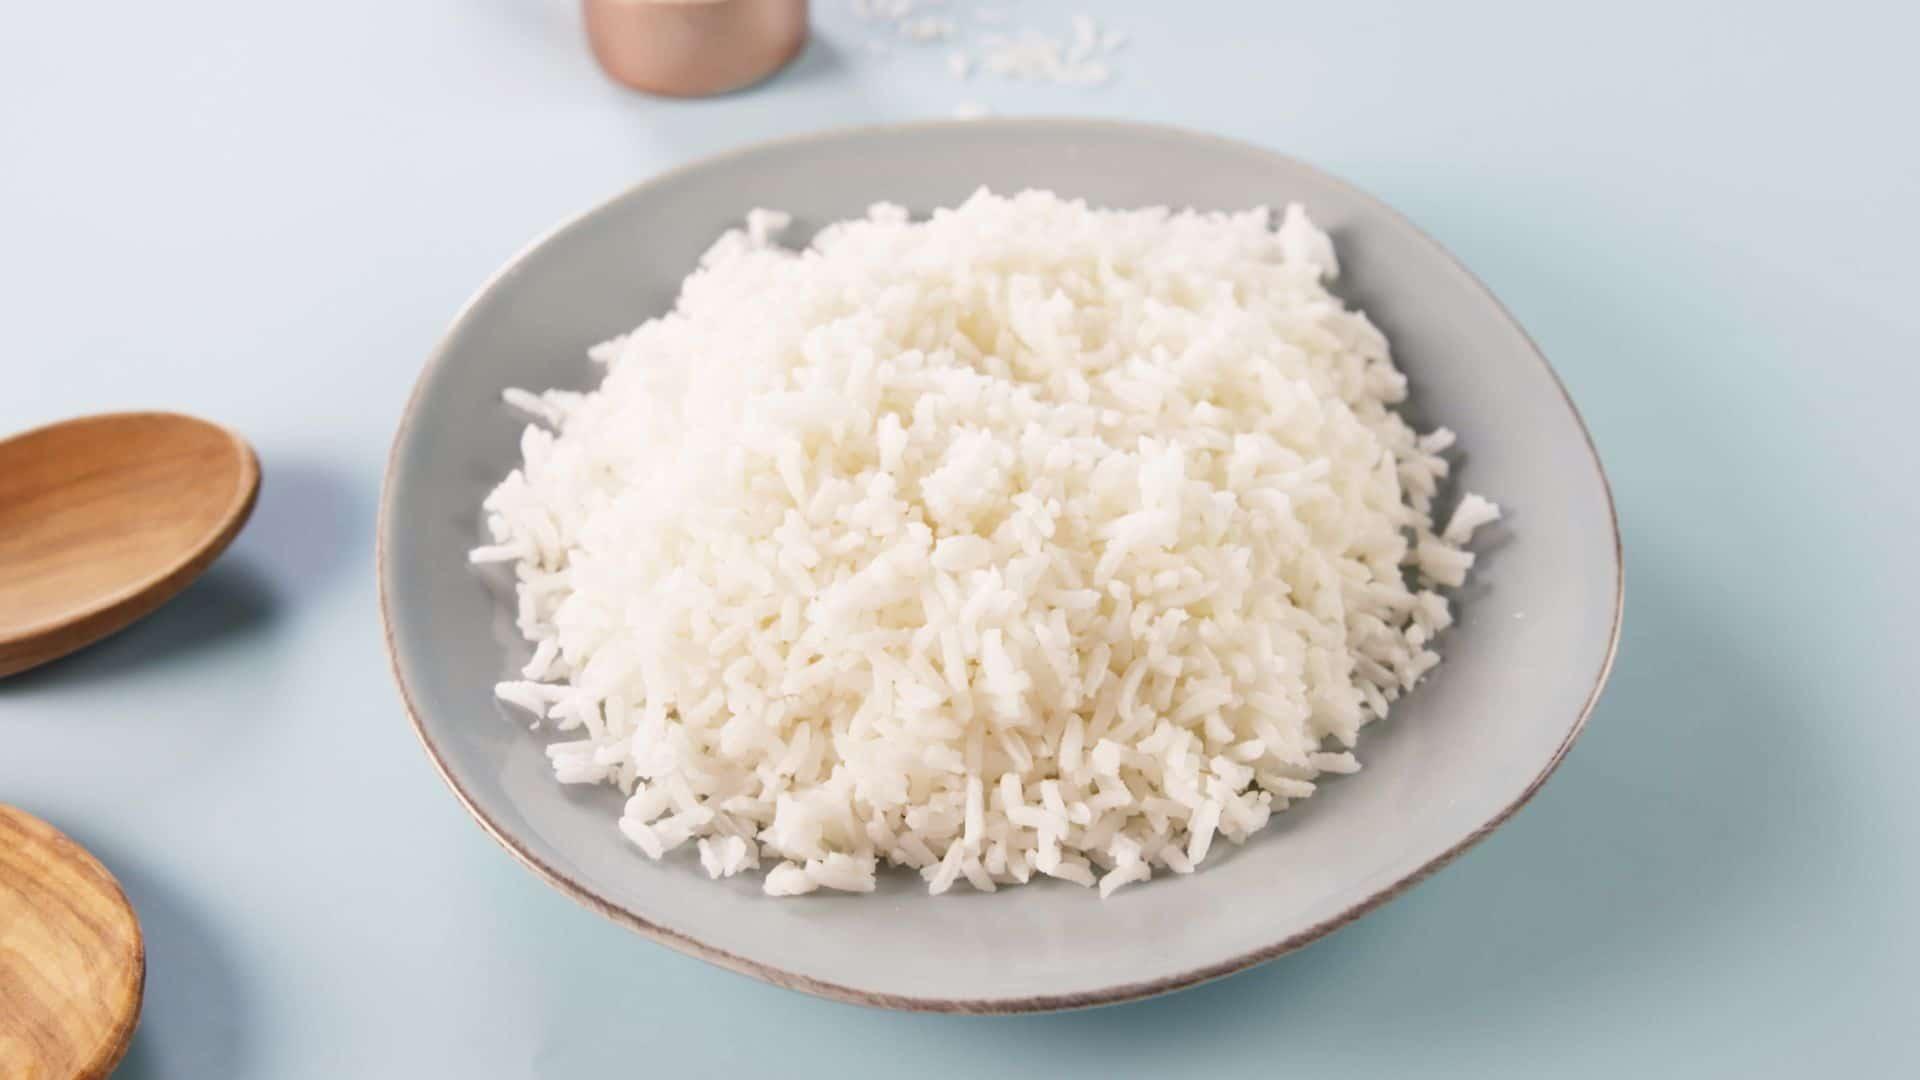 Рис в стакане